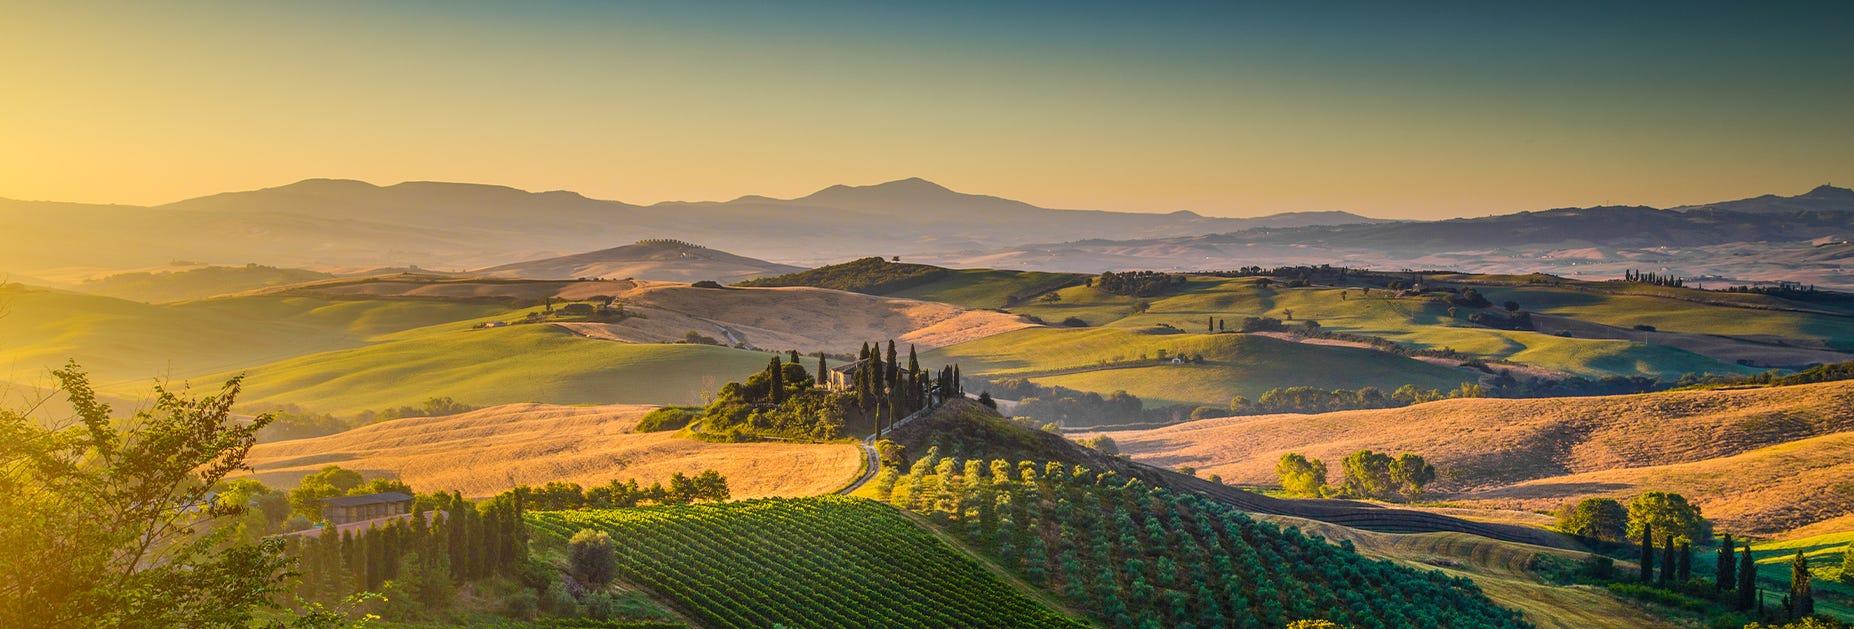 Dessertweine aus Italien